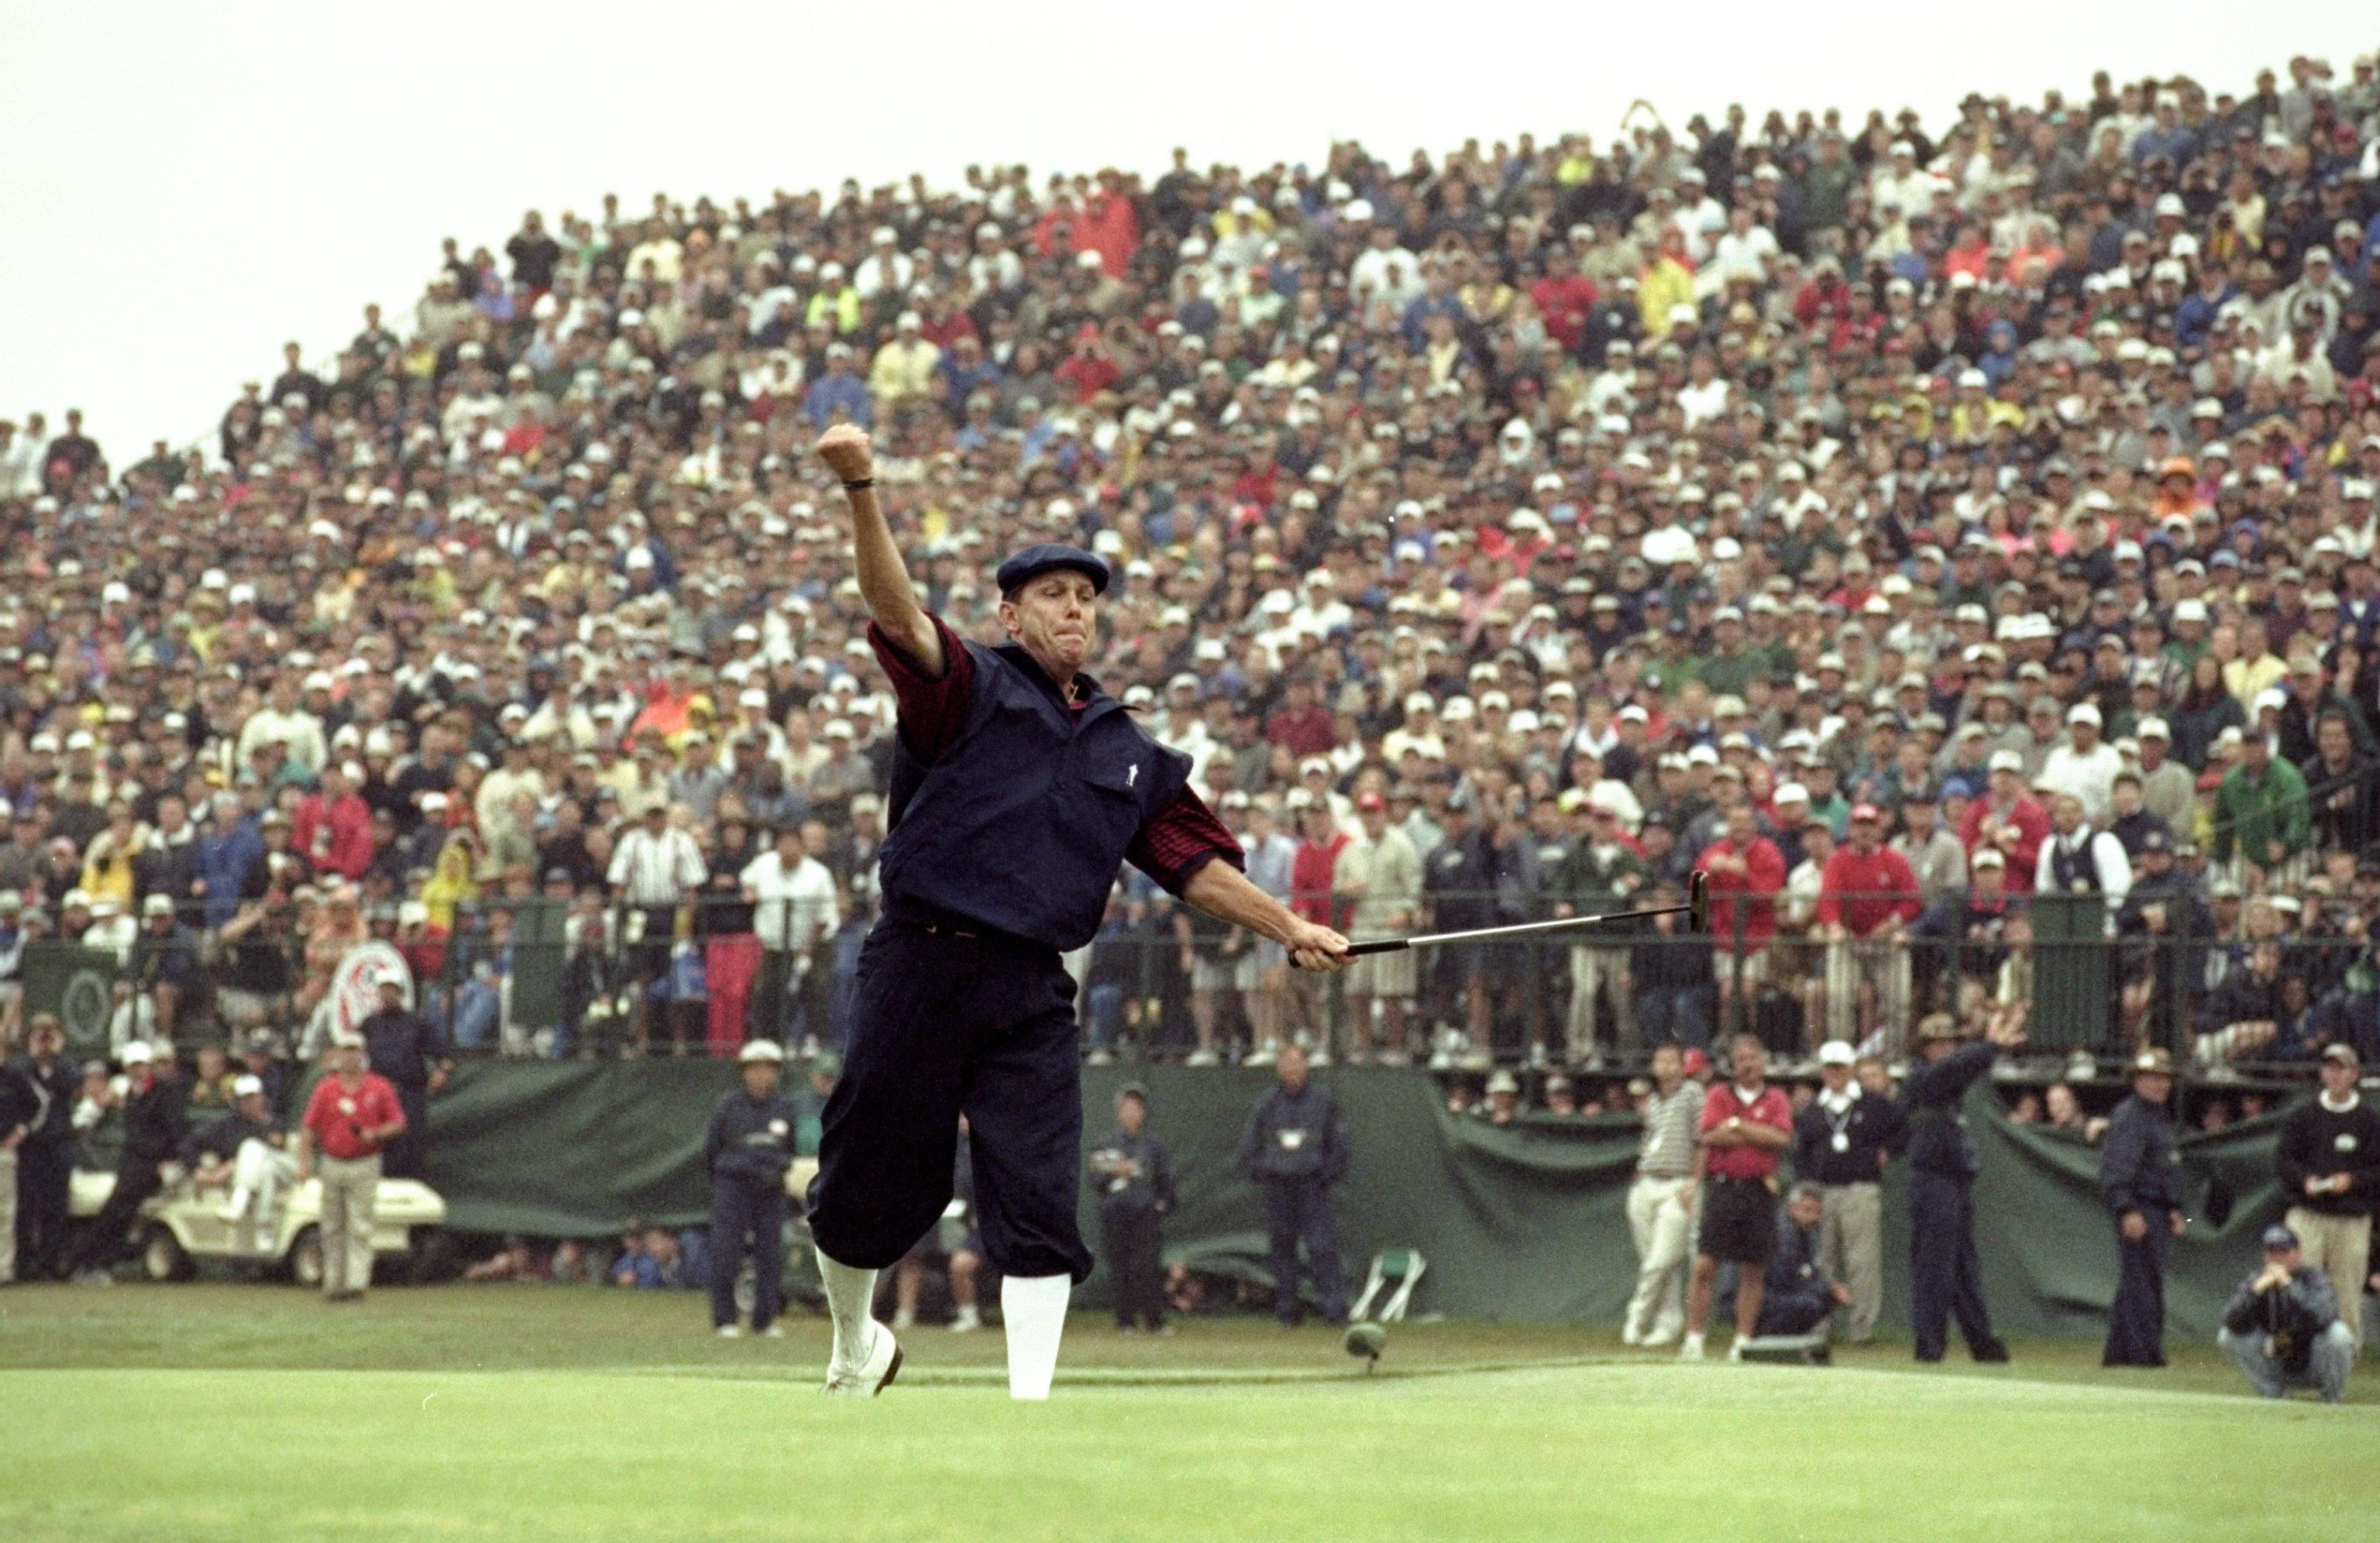 payne stewart u0026 39 s 1999 u s  open win